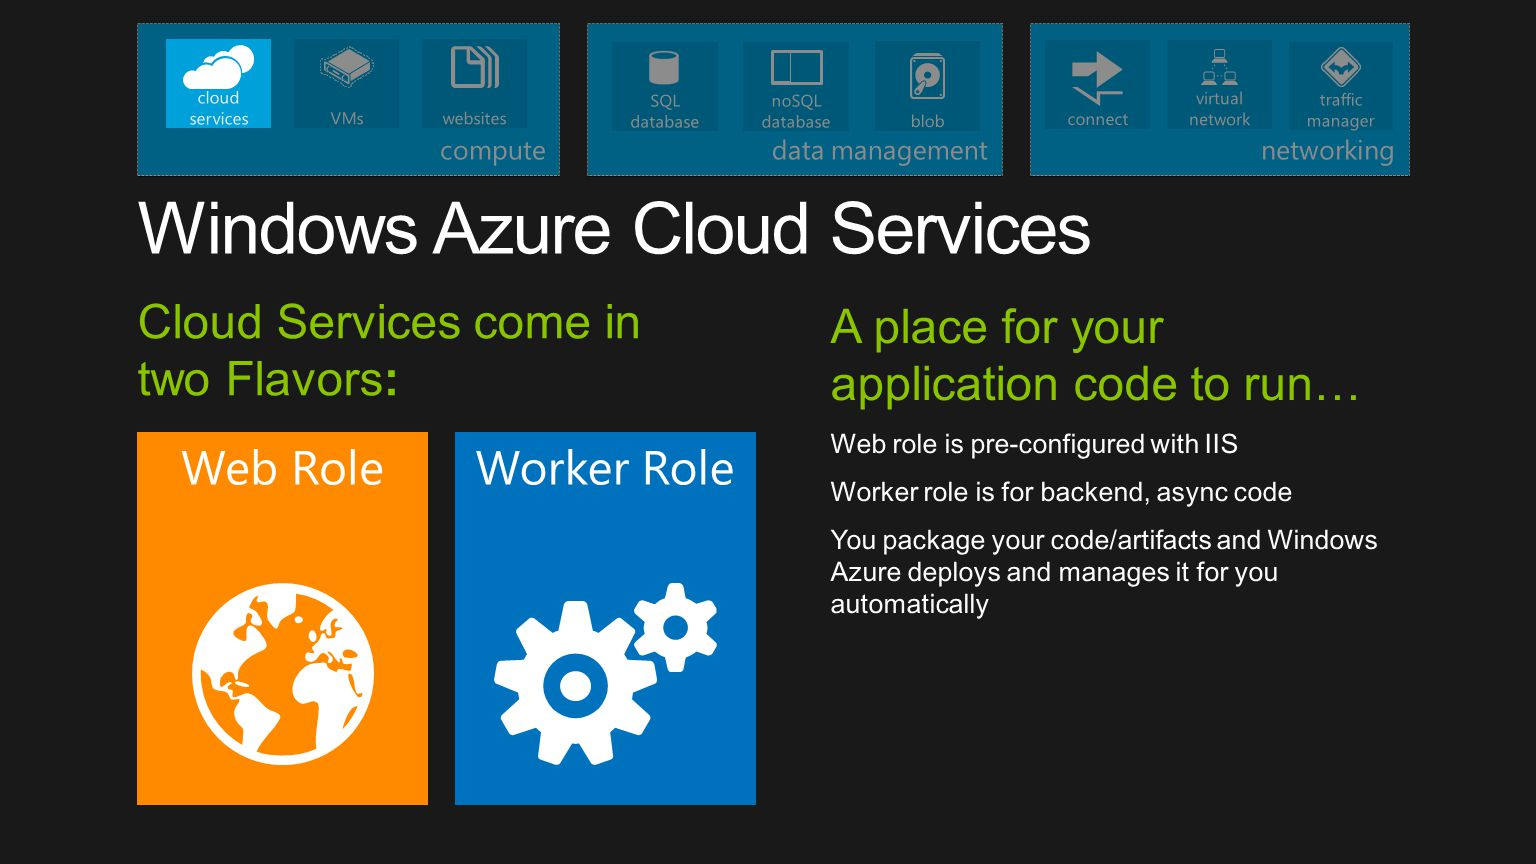 Windows Azure Cloud Services